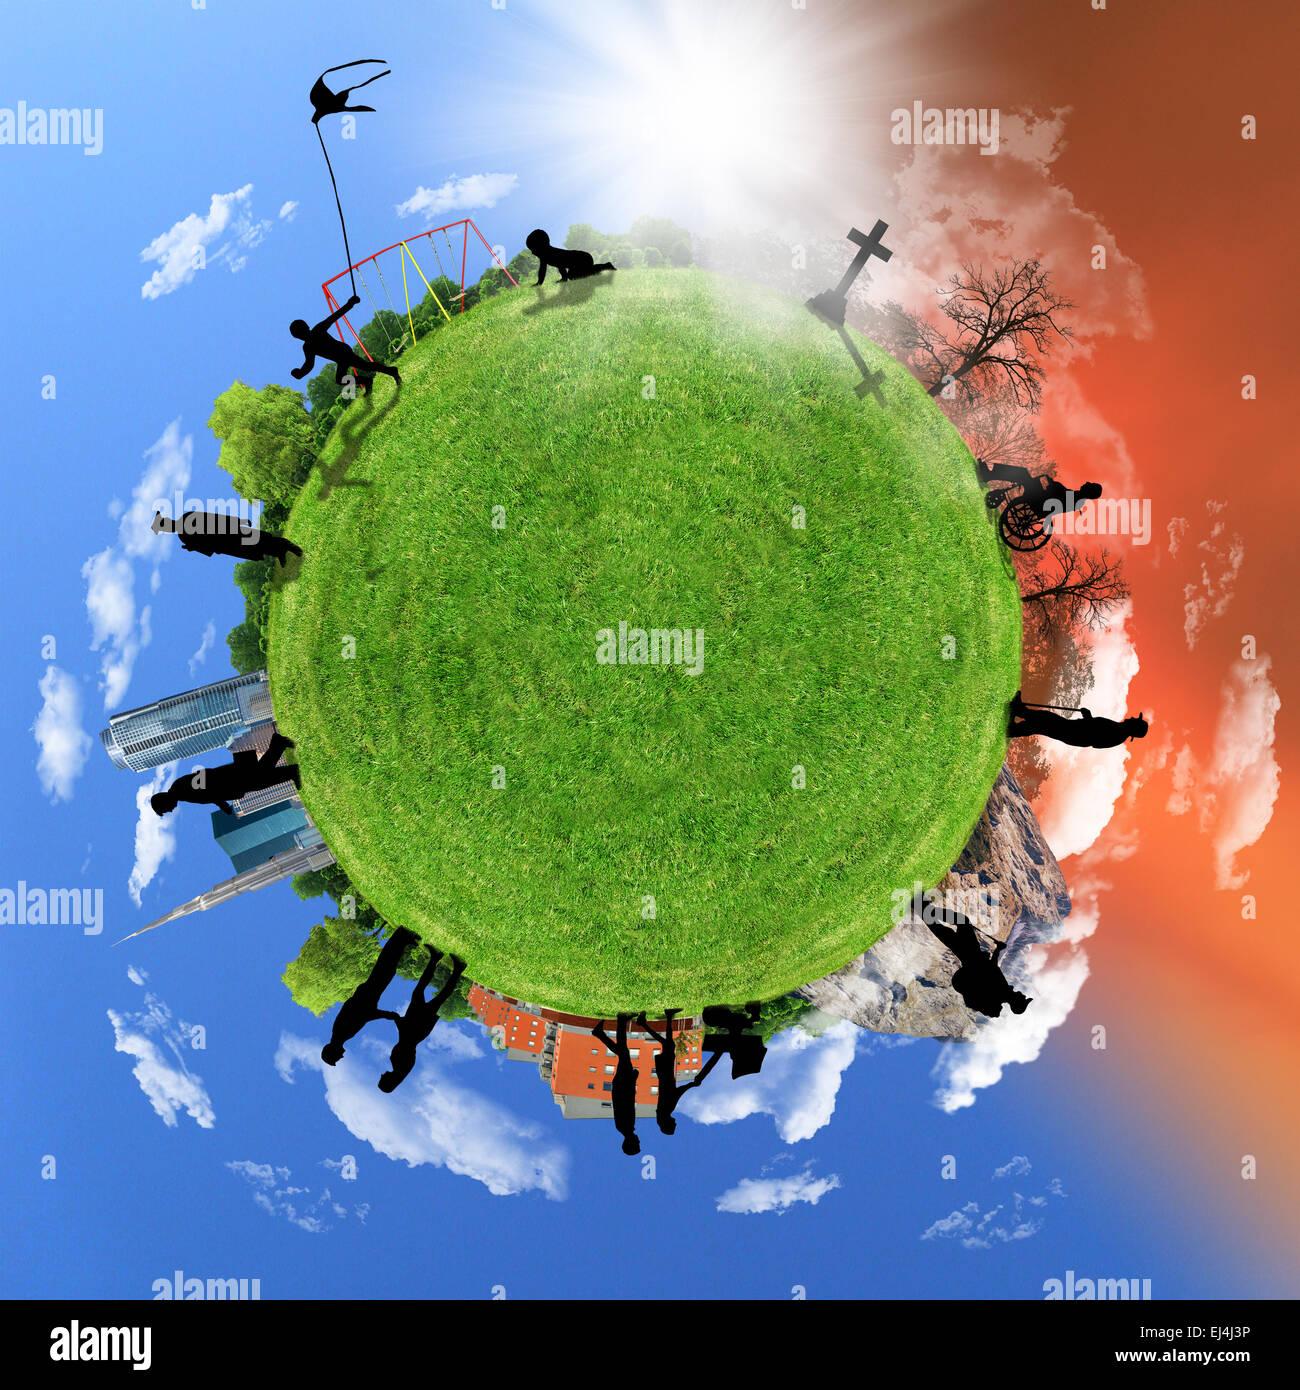 La vita umana circle, concetto su un globo, invecchiamento. Immagini Stock